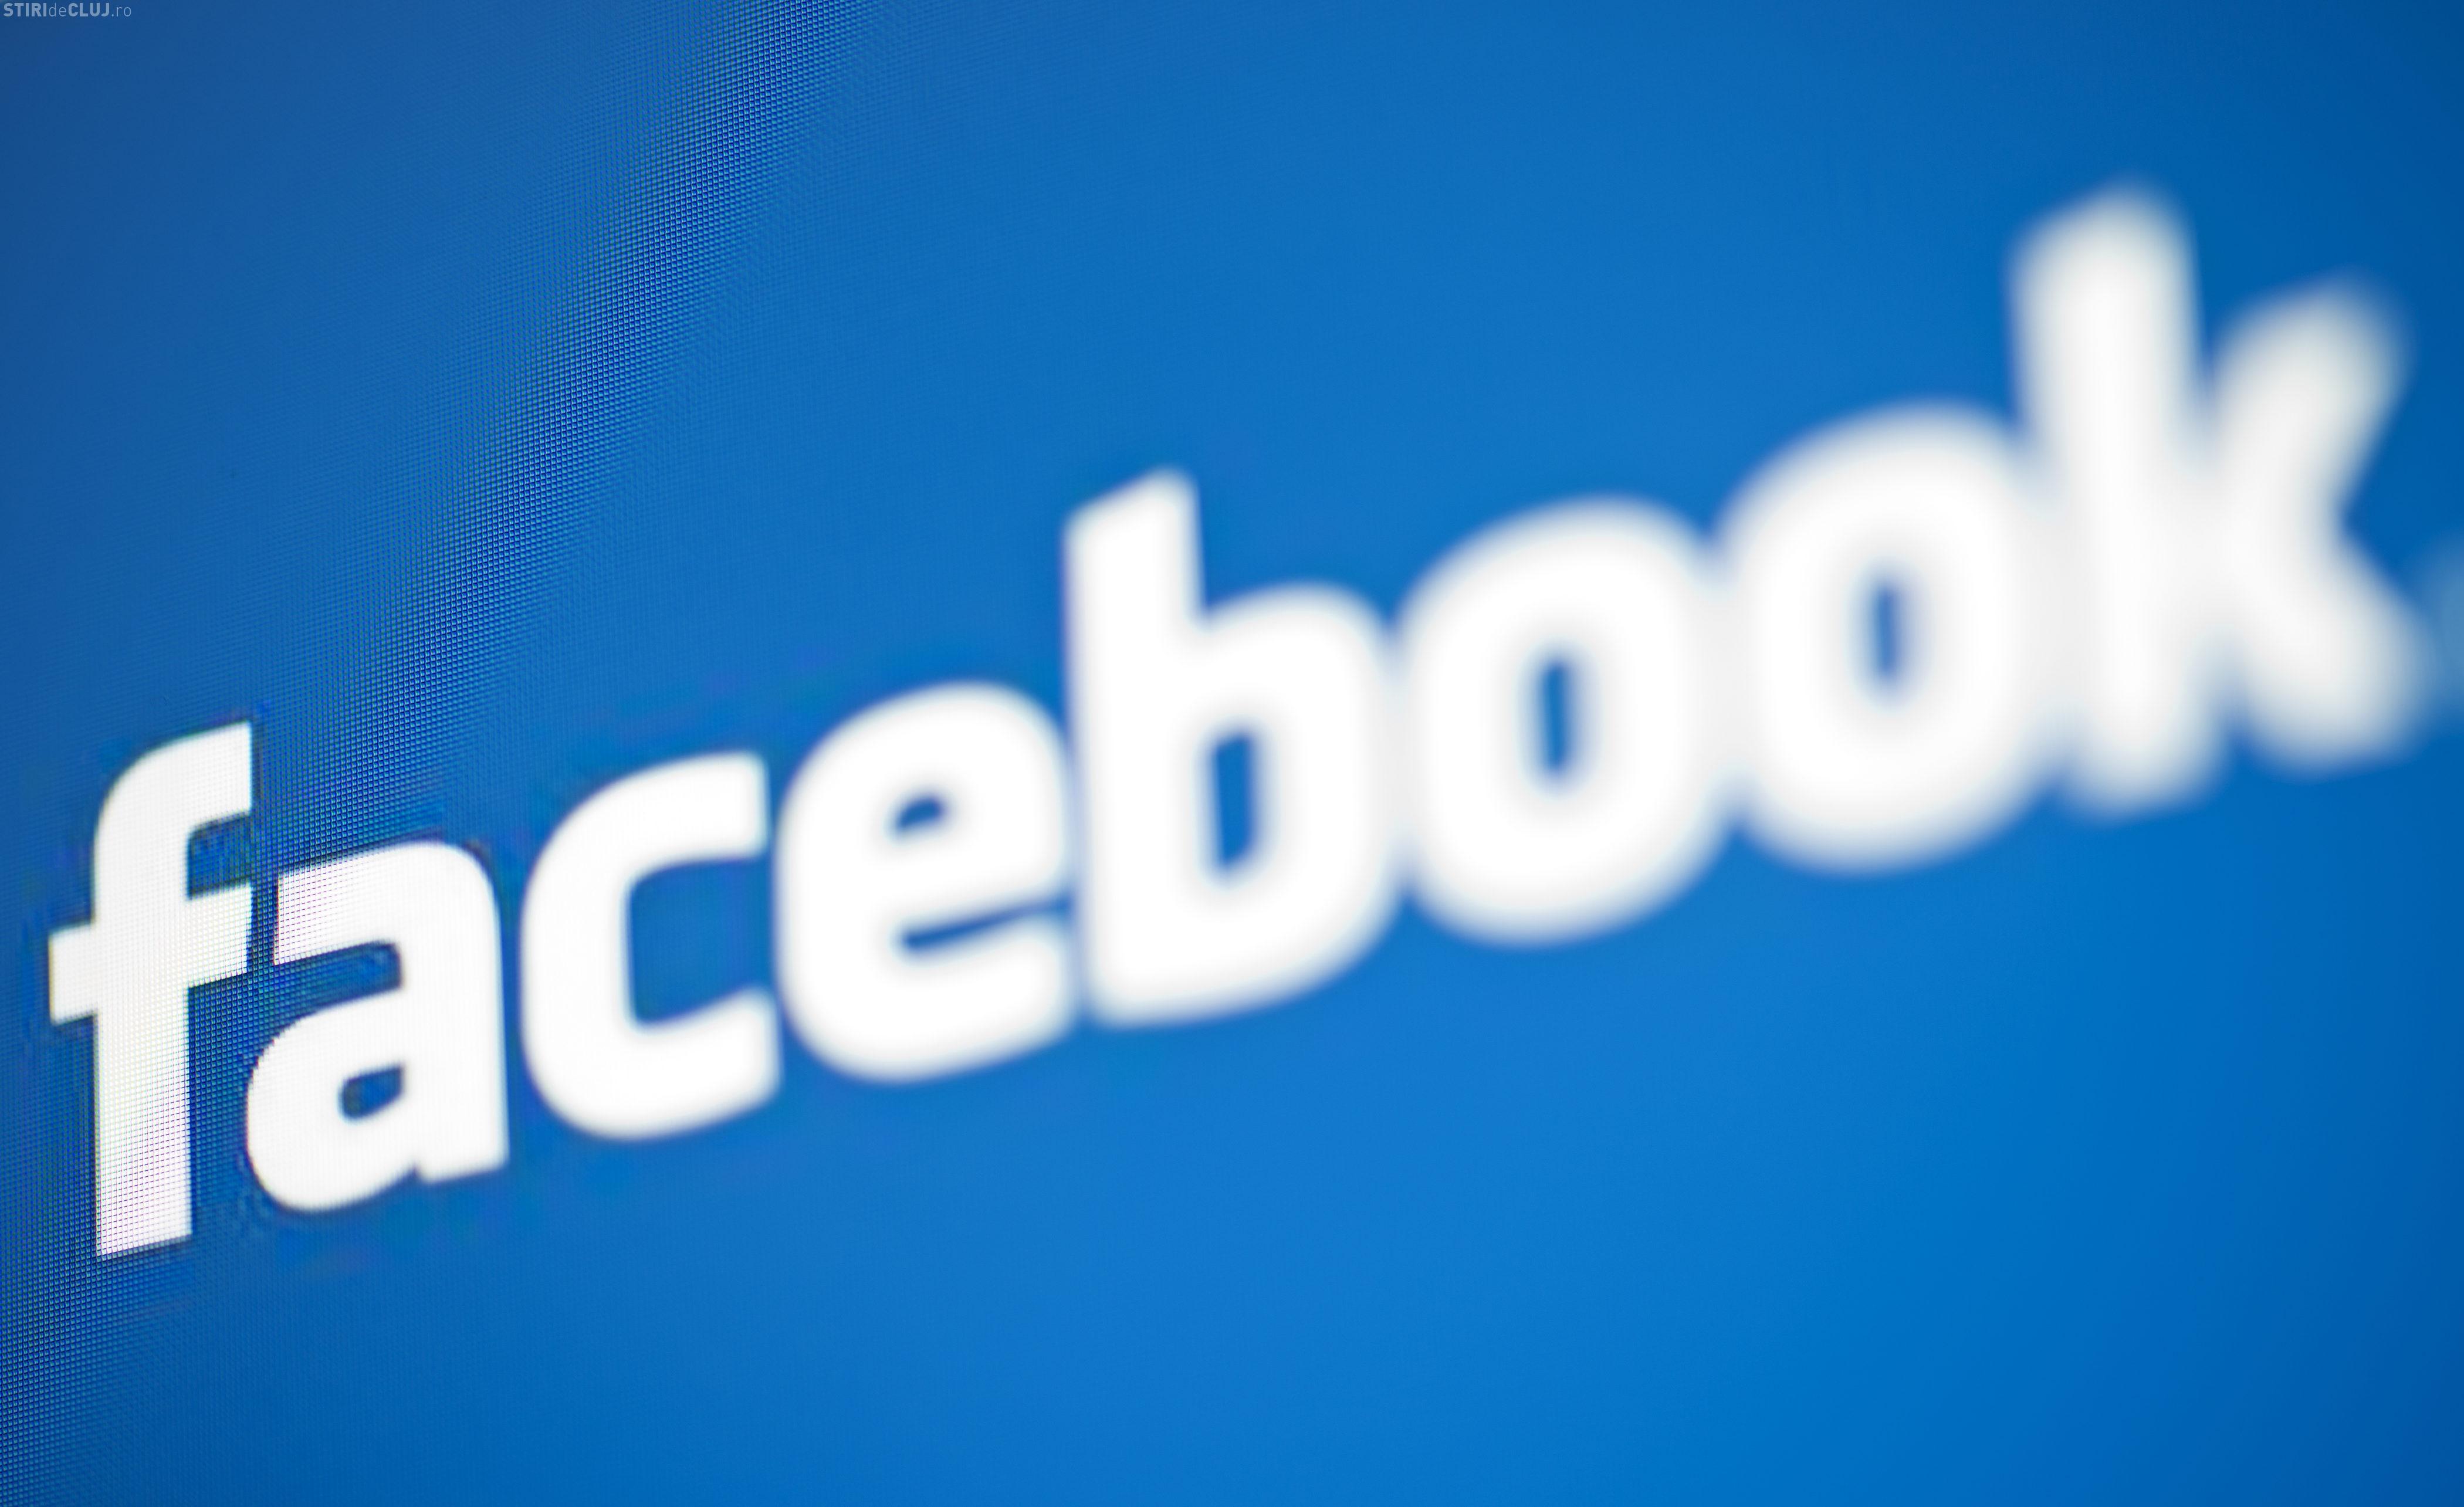 O țară amenință cu interzicerea Facebook-ului. Vezi care este motivul